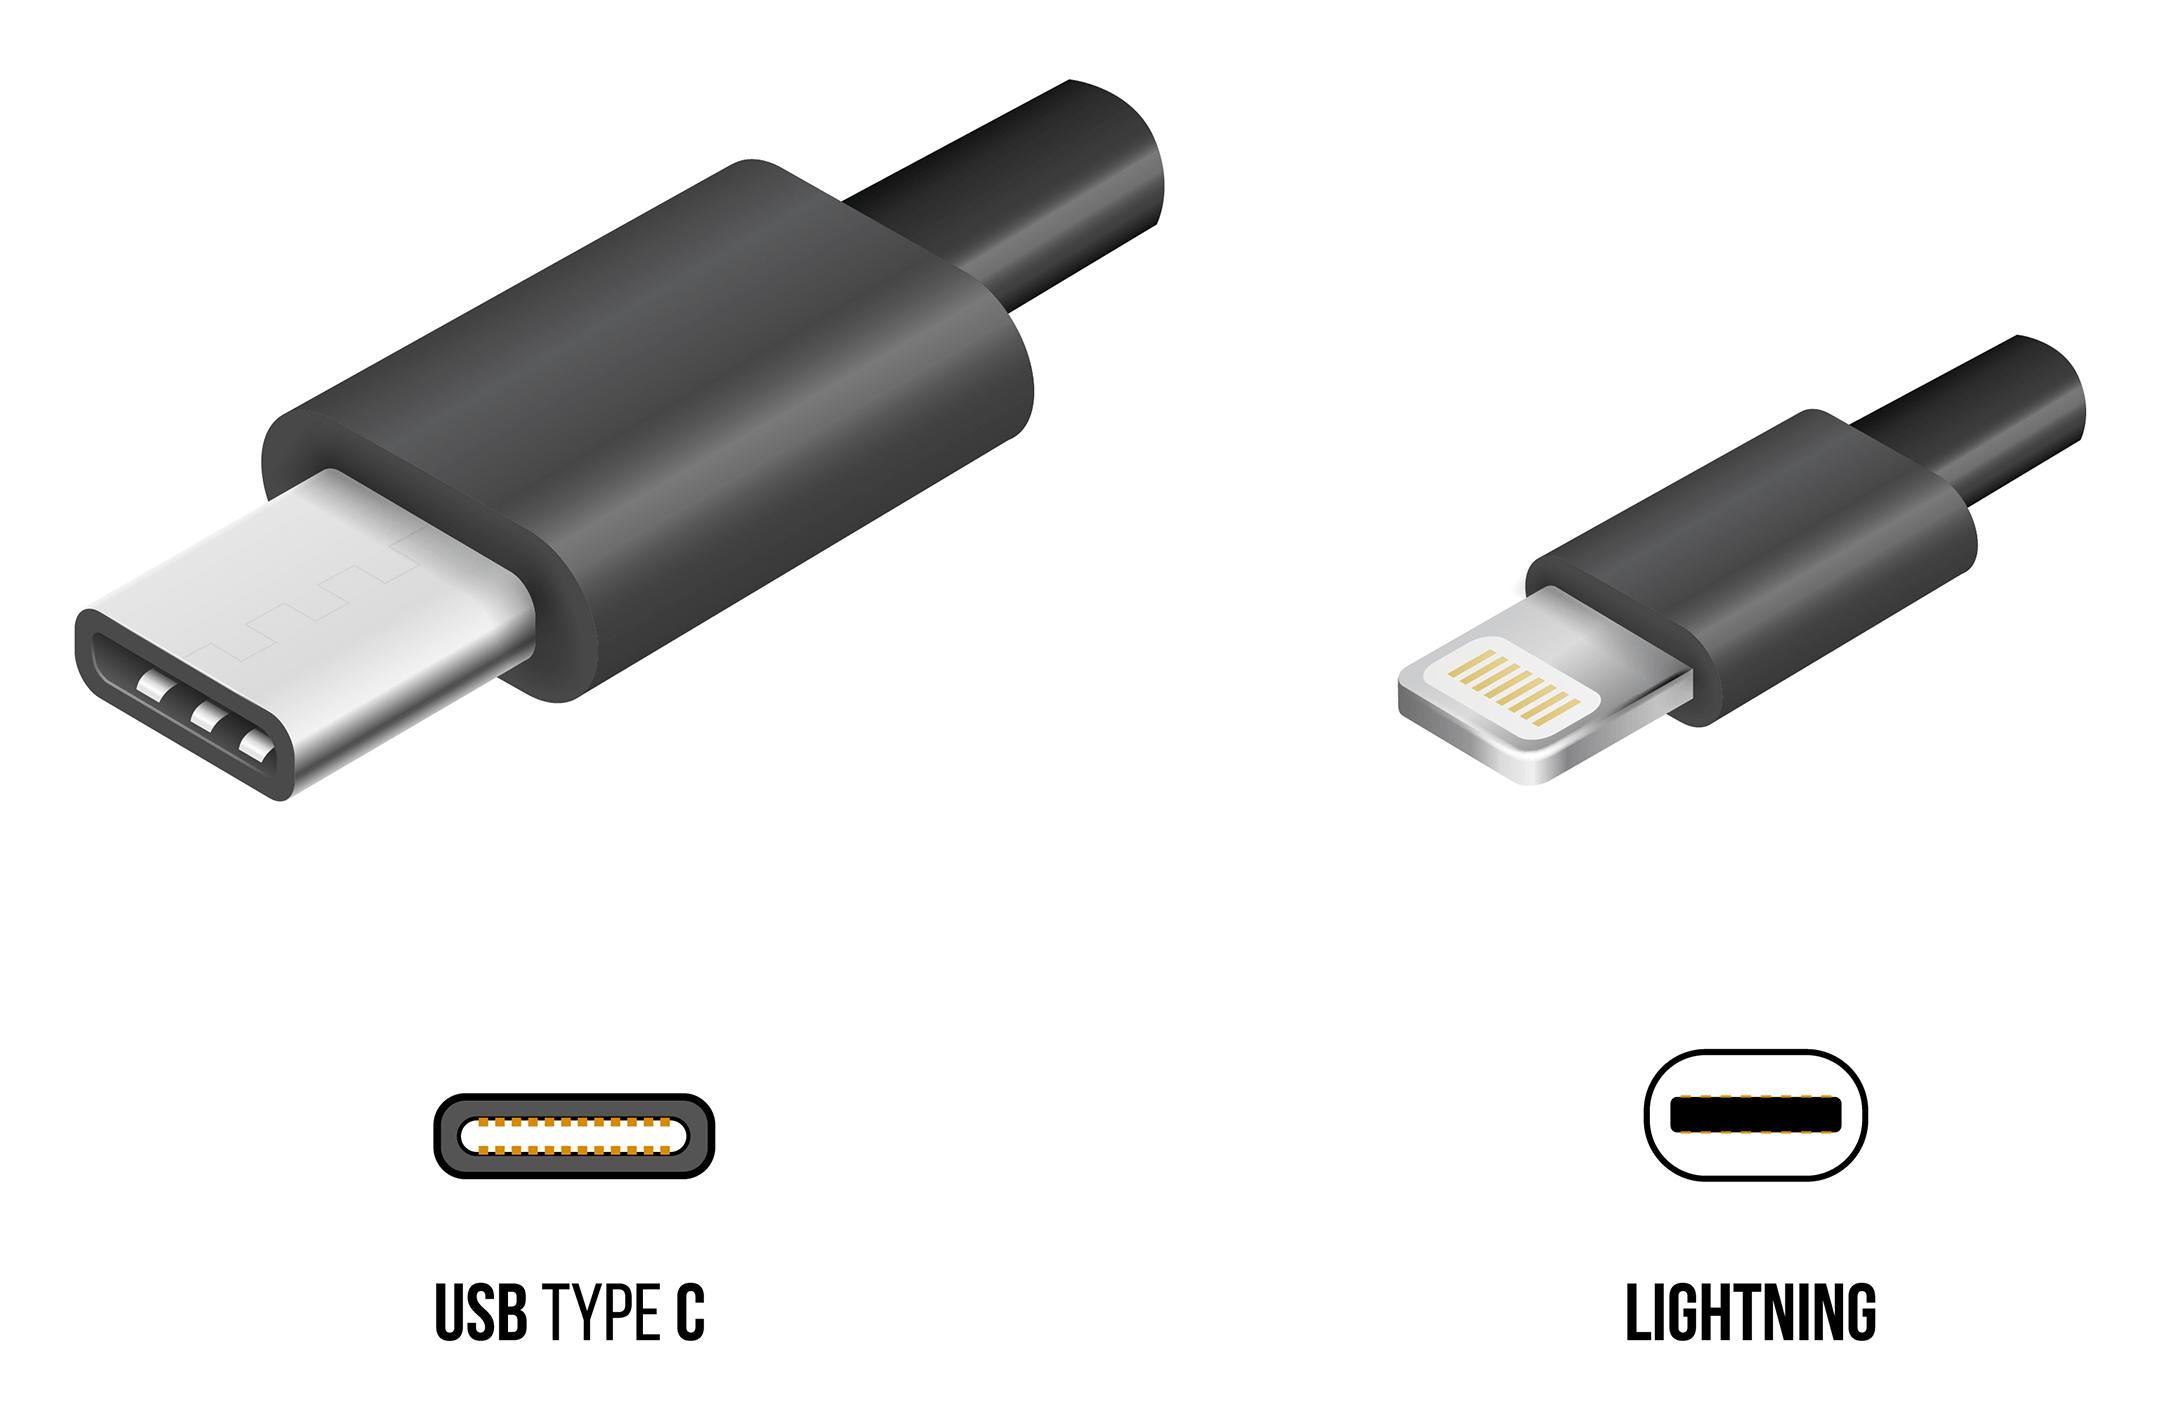 Lightning 和 USB Type-C 你更喜欢哪个?-沙唐桔